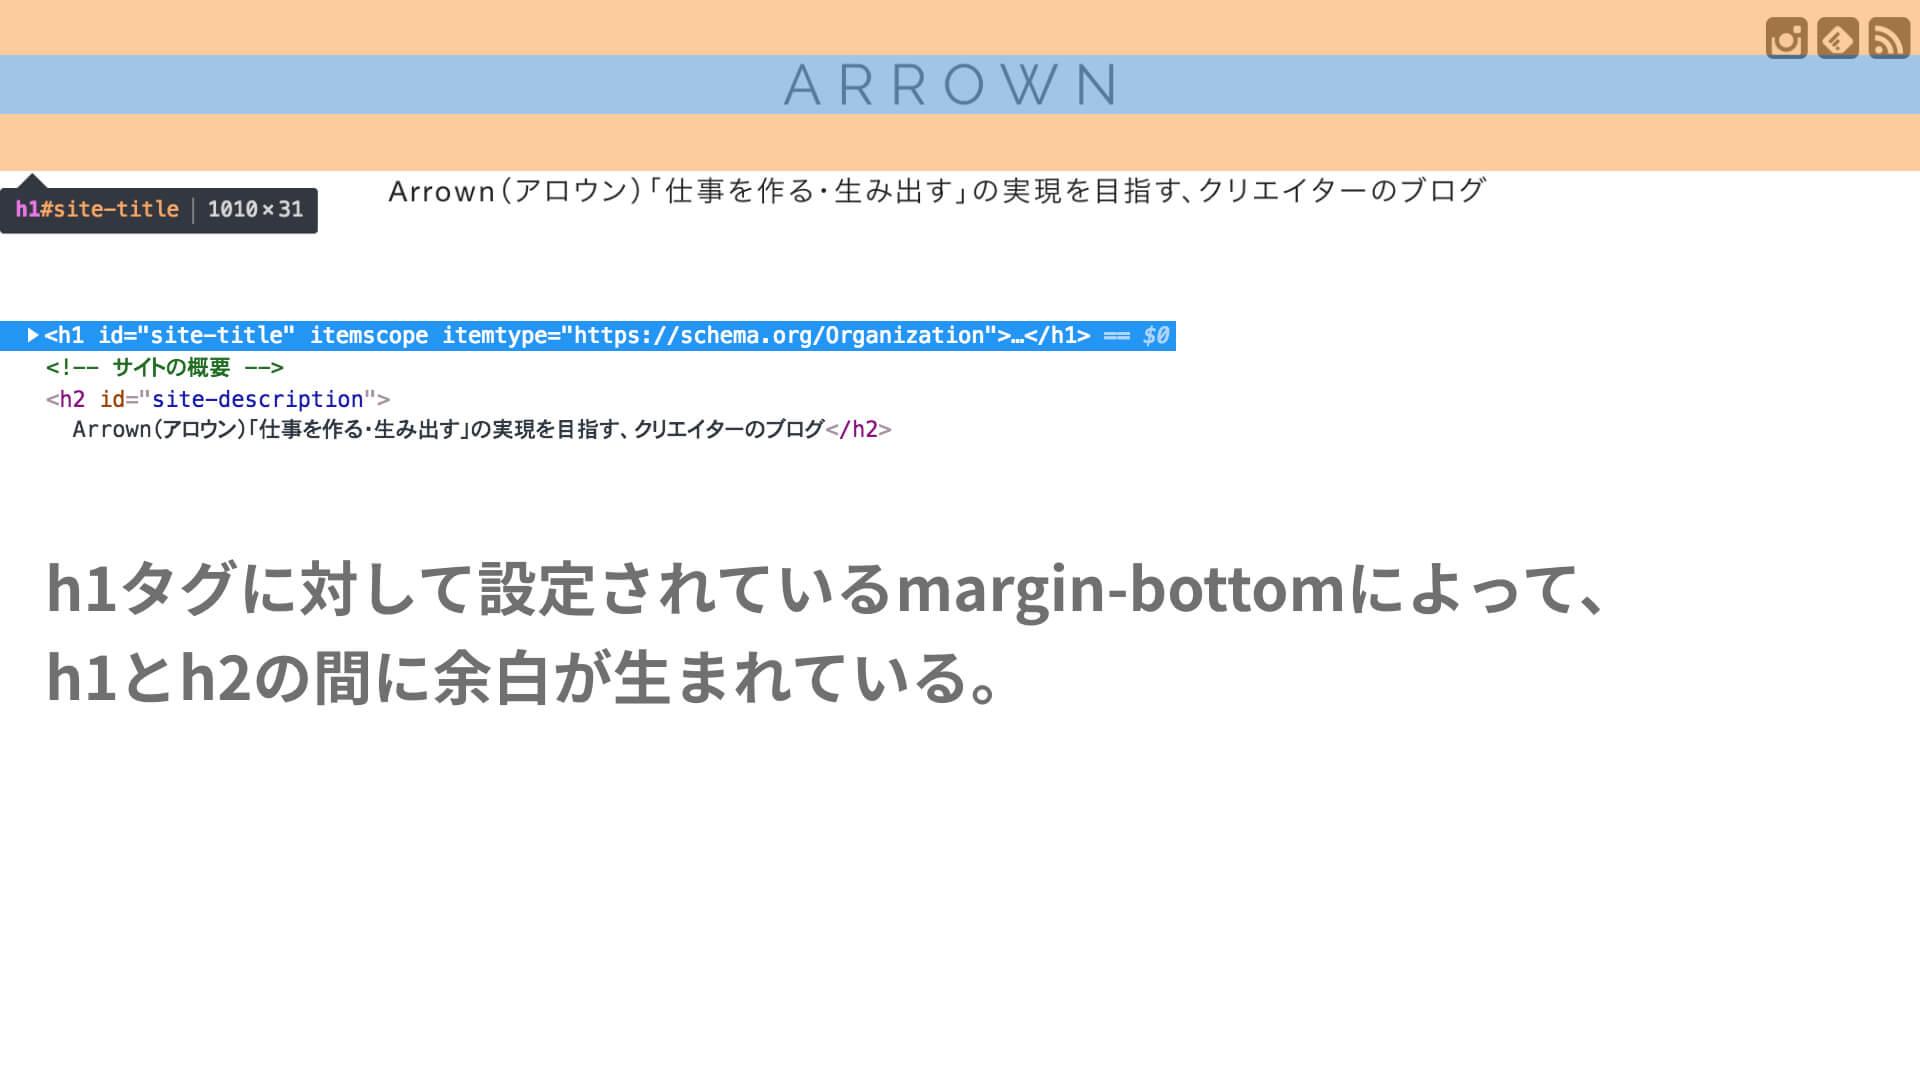 Arrownブログのトップページ、marginが設定されている例